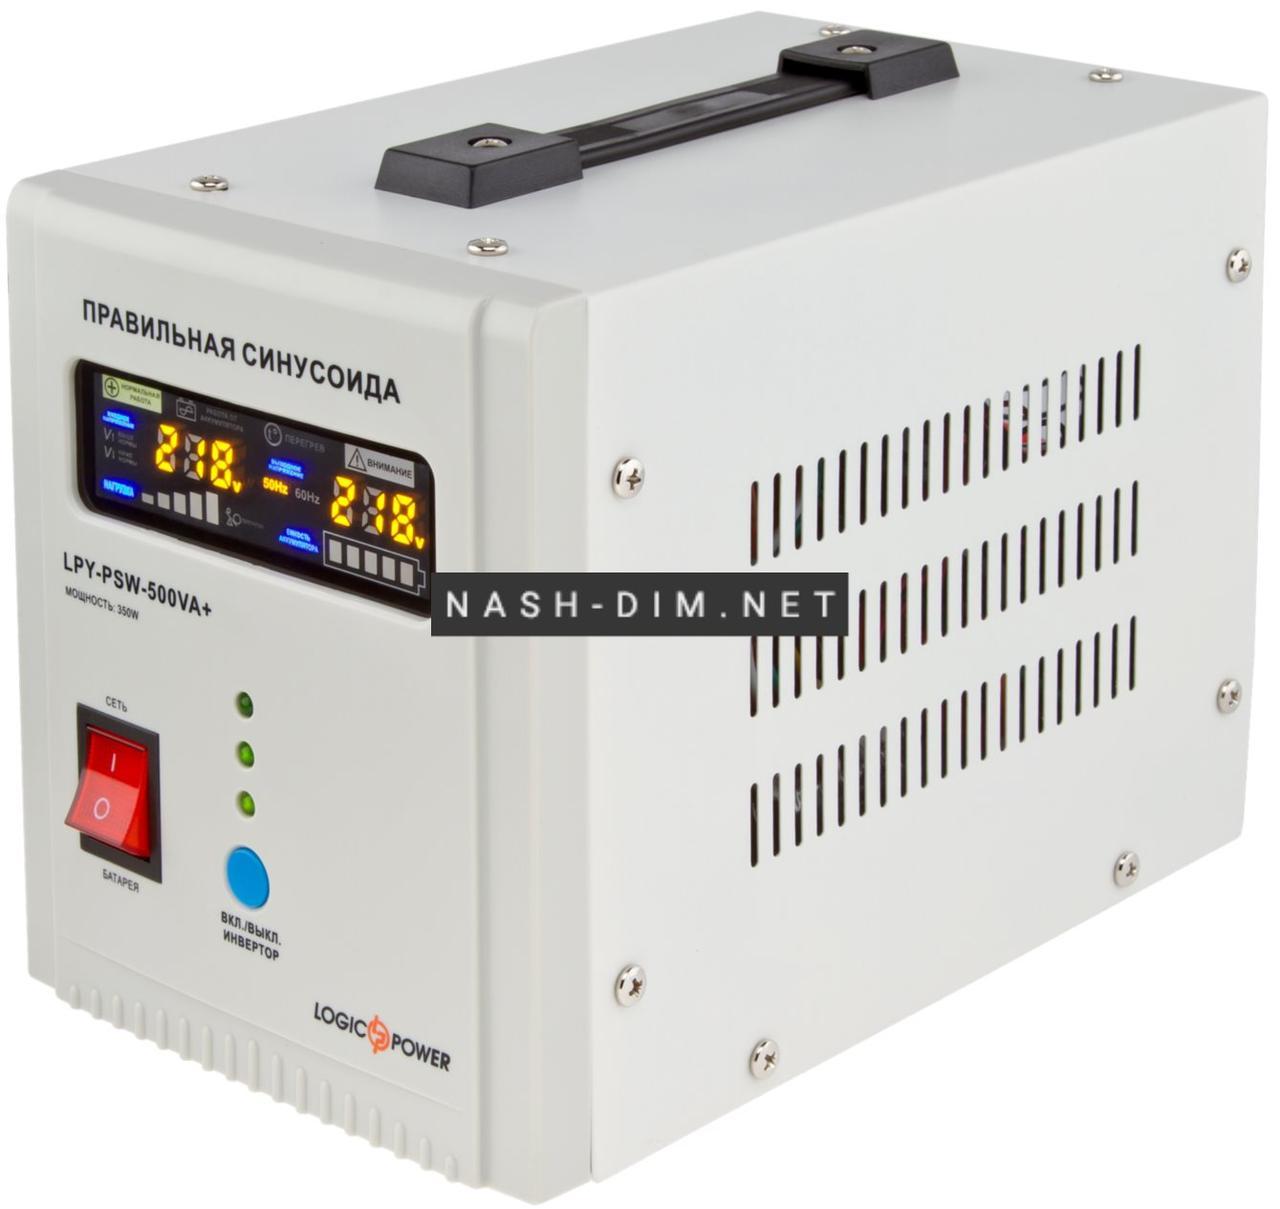 Джерело безперебійного живлення LogicPower LPY-PSW-500VA з правильною синусоїда